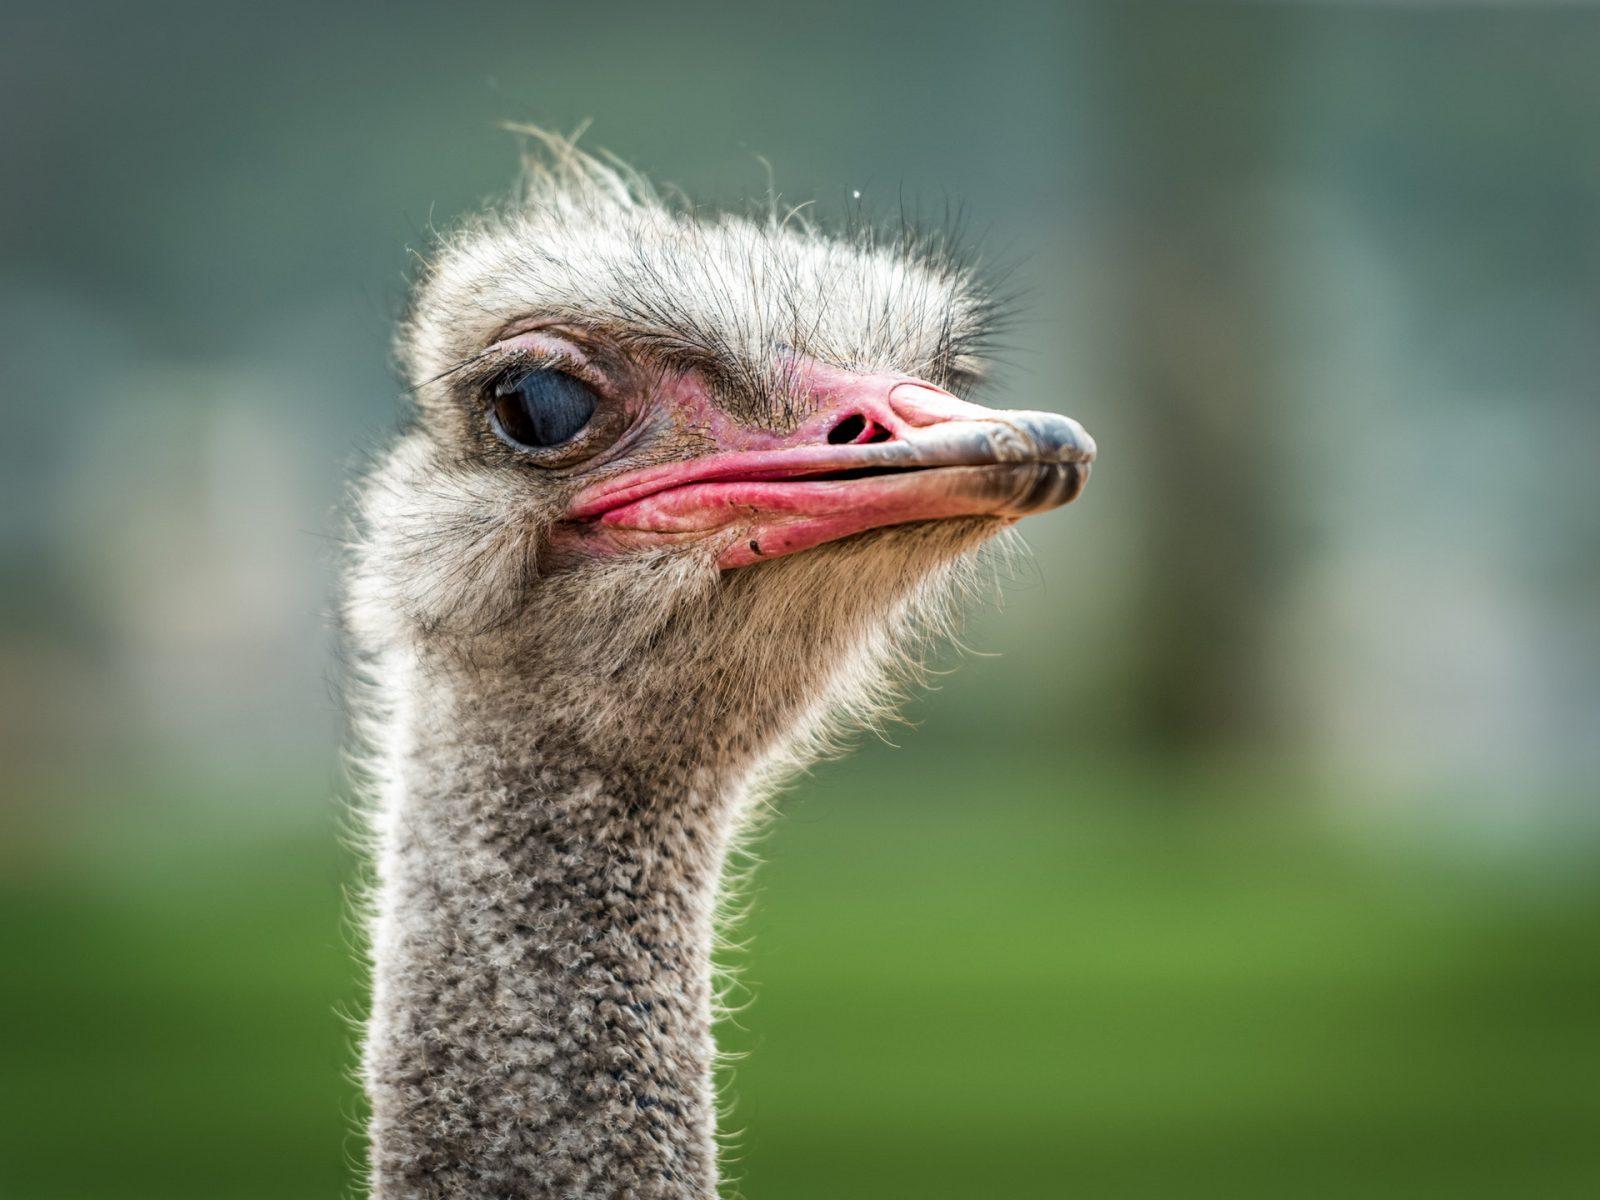 O avestruz possui hábitos excêntricos e hilários.